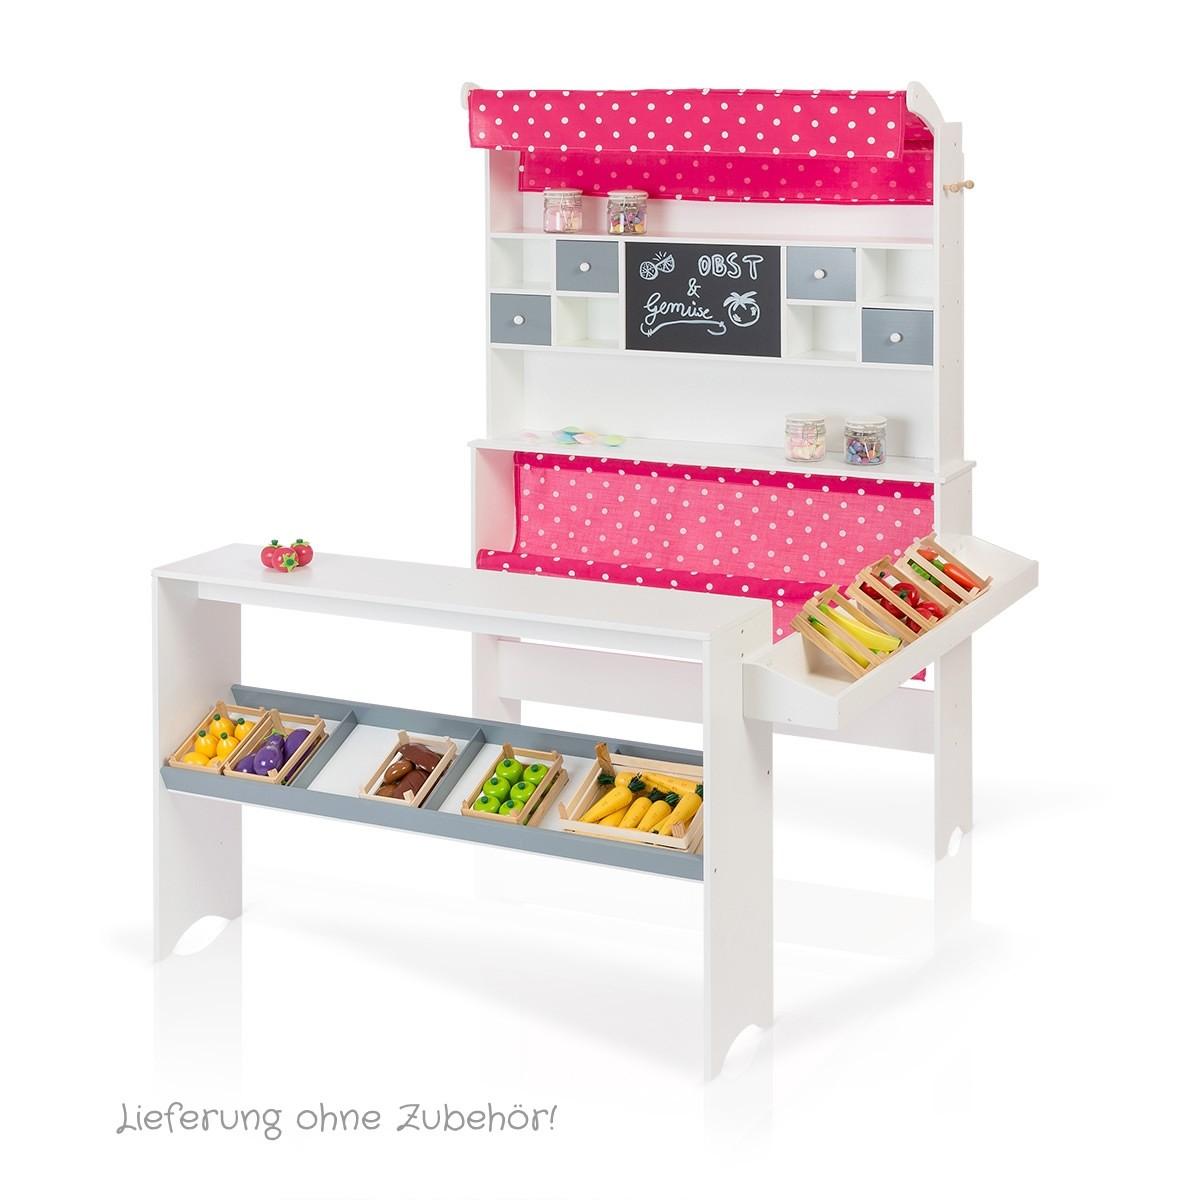 sun kaufladen in weiß-pink: holzspielzeug profi